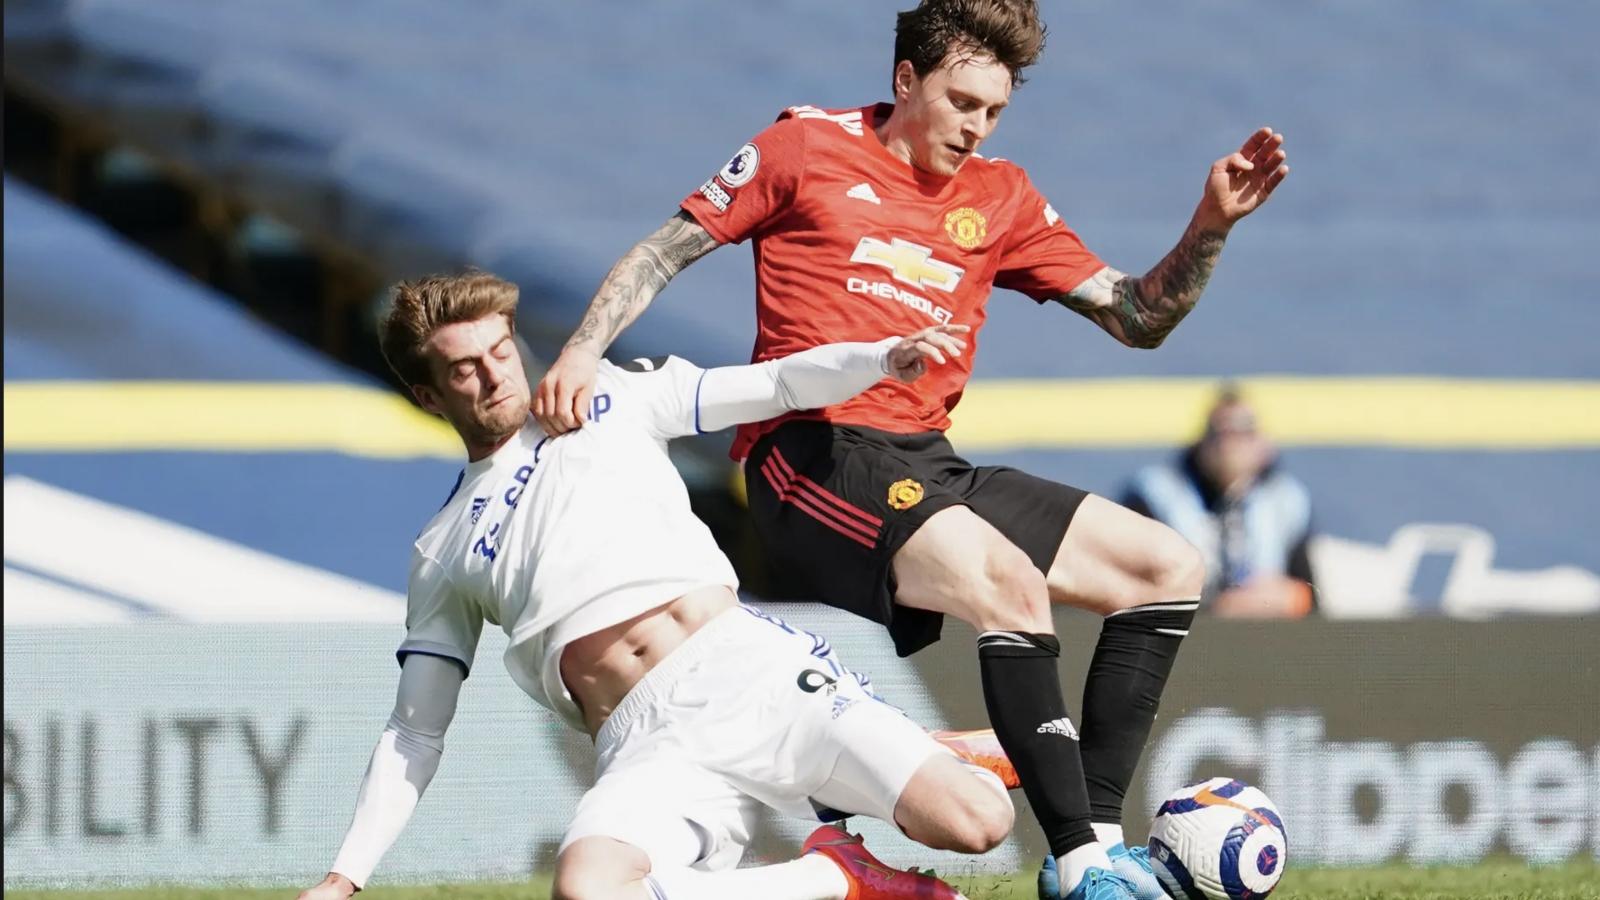 Hòa bạc nhược trên sân Leeds, MU xa dần mục tiêu vô địch Ngoại hạng Anh